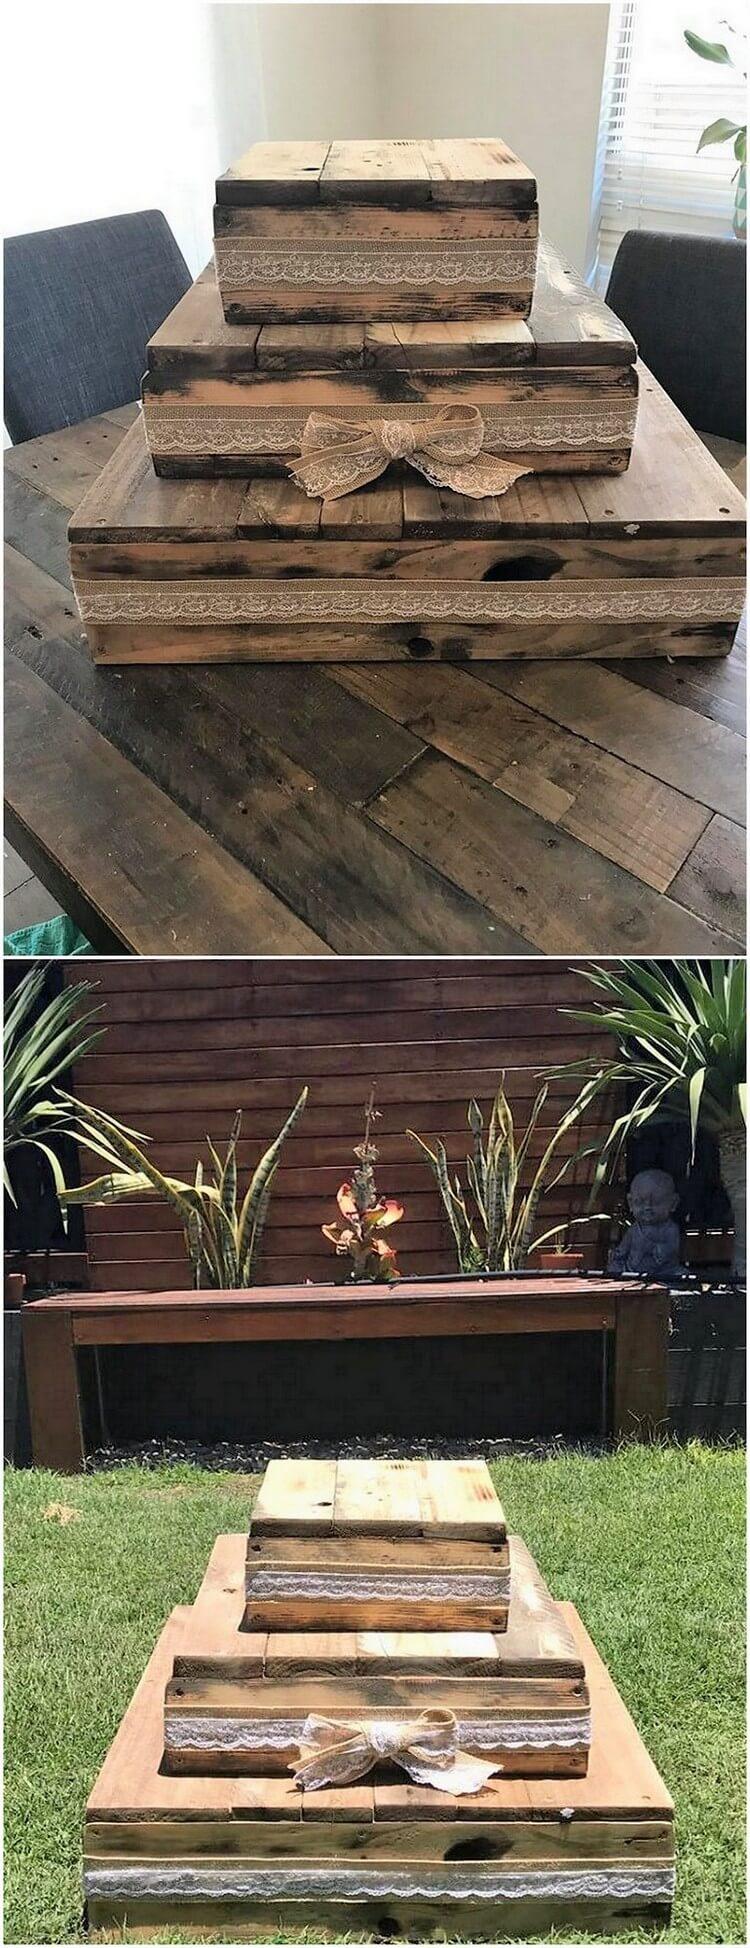 Wood Pallet Garden Creation